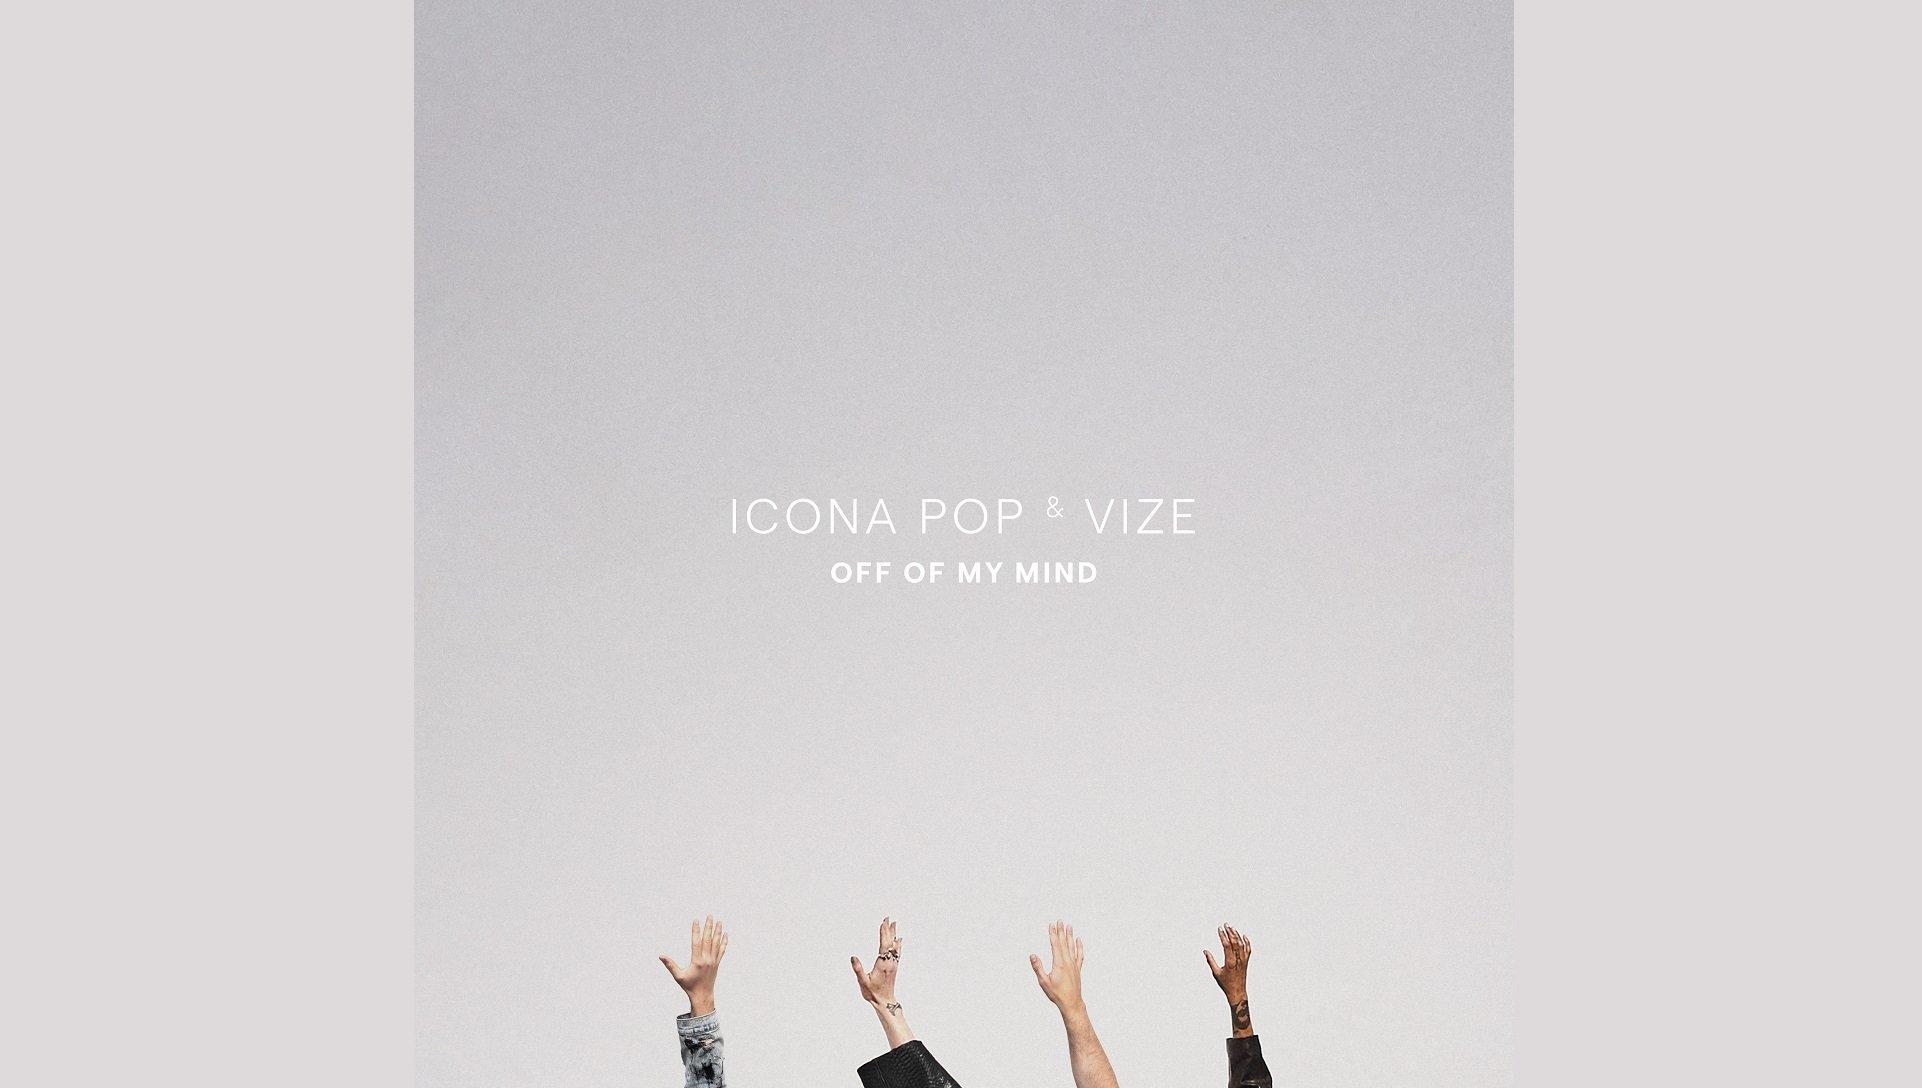 Icona Pop x VIZE Off Of My Mind